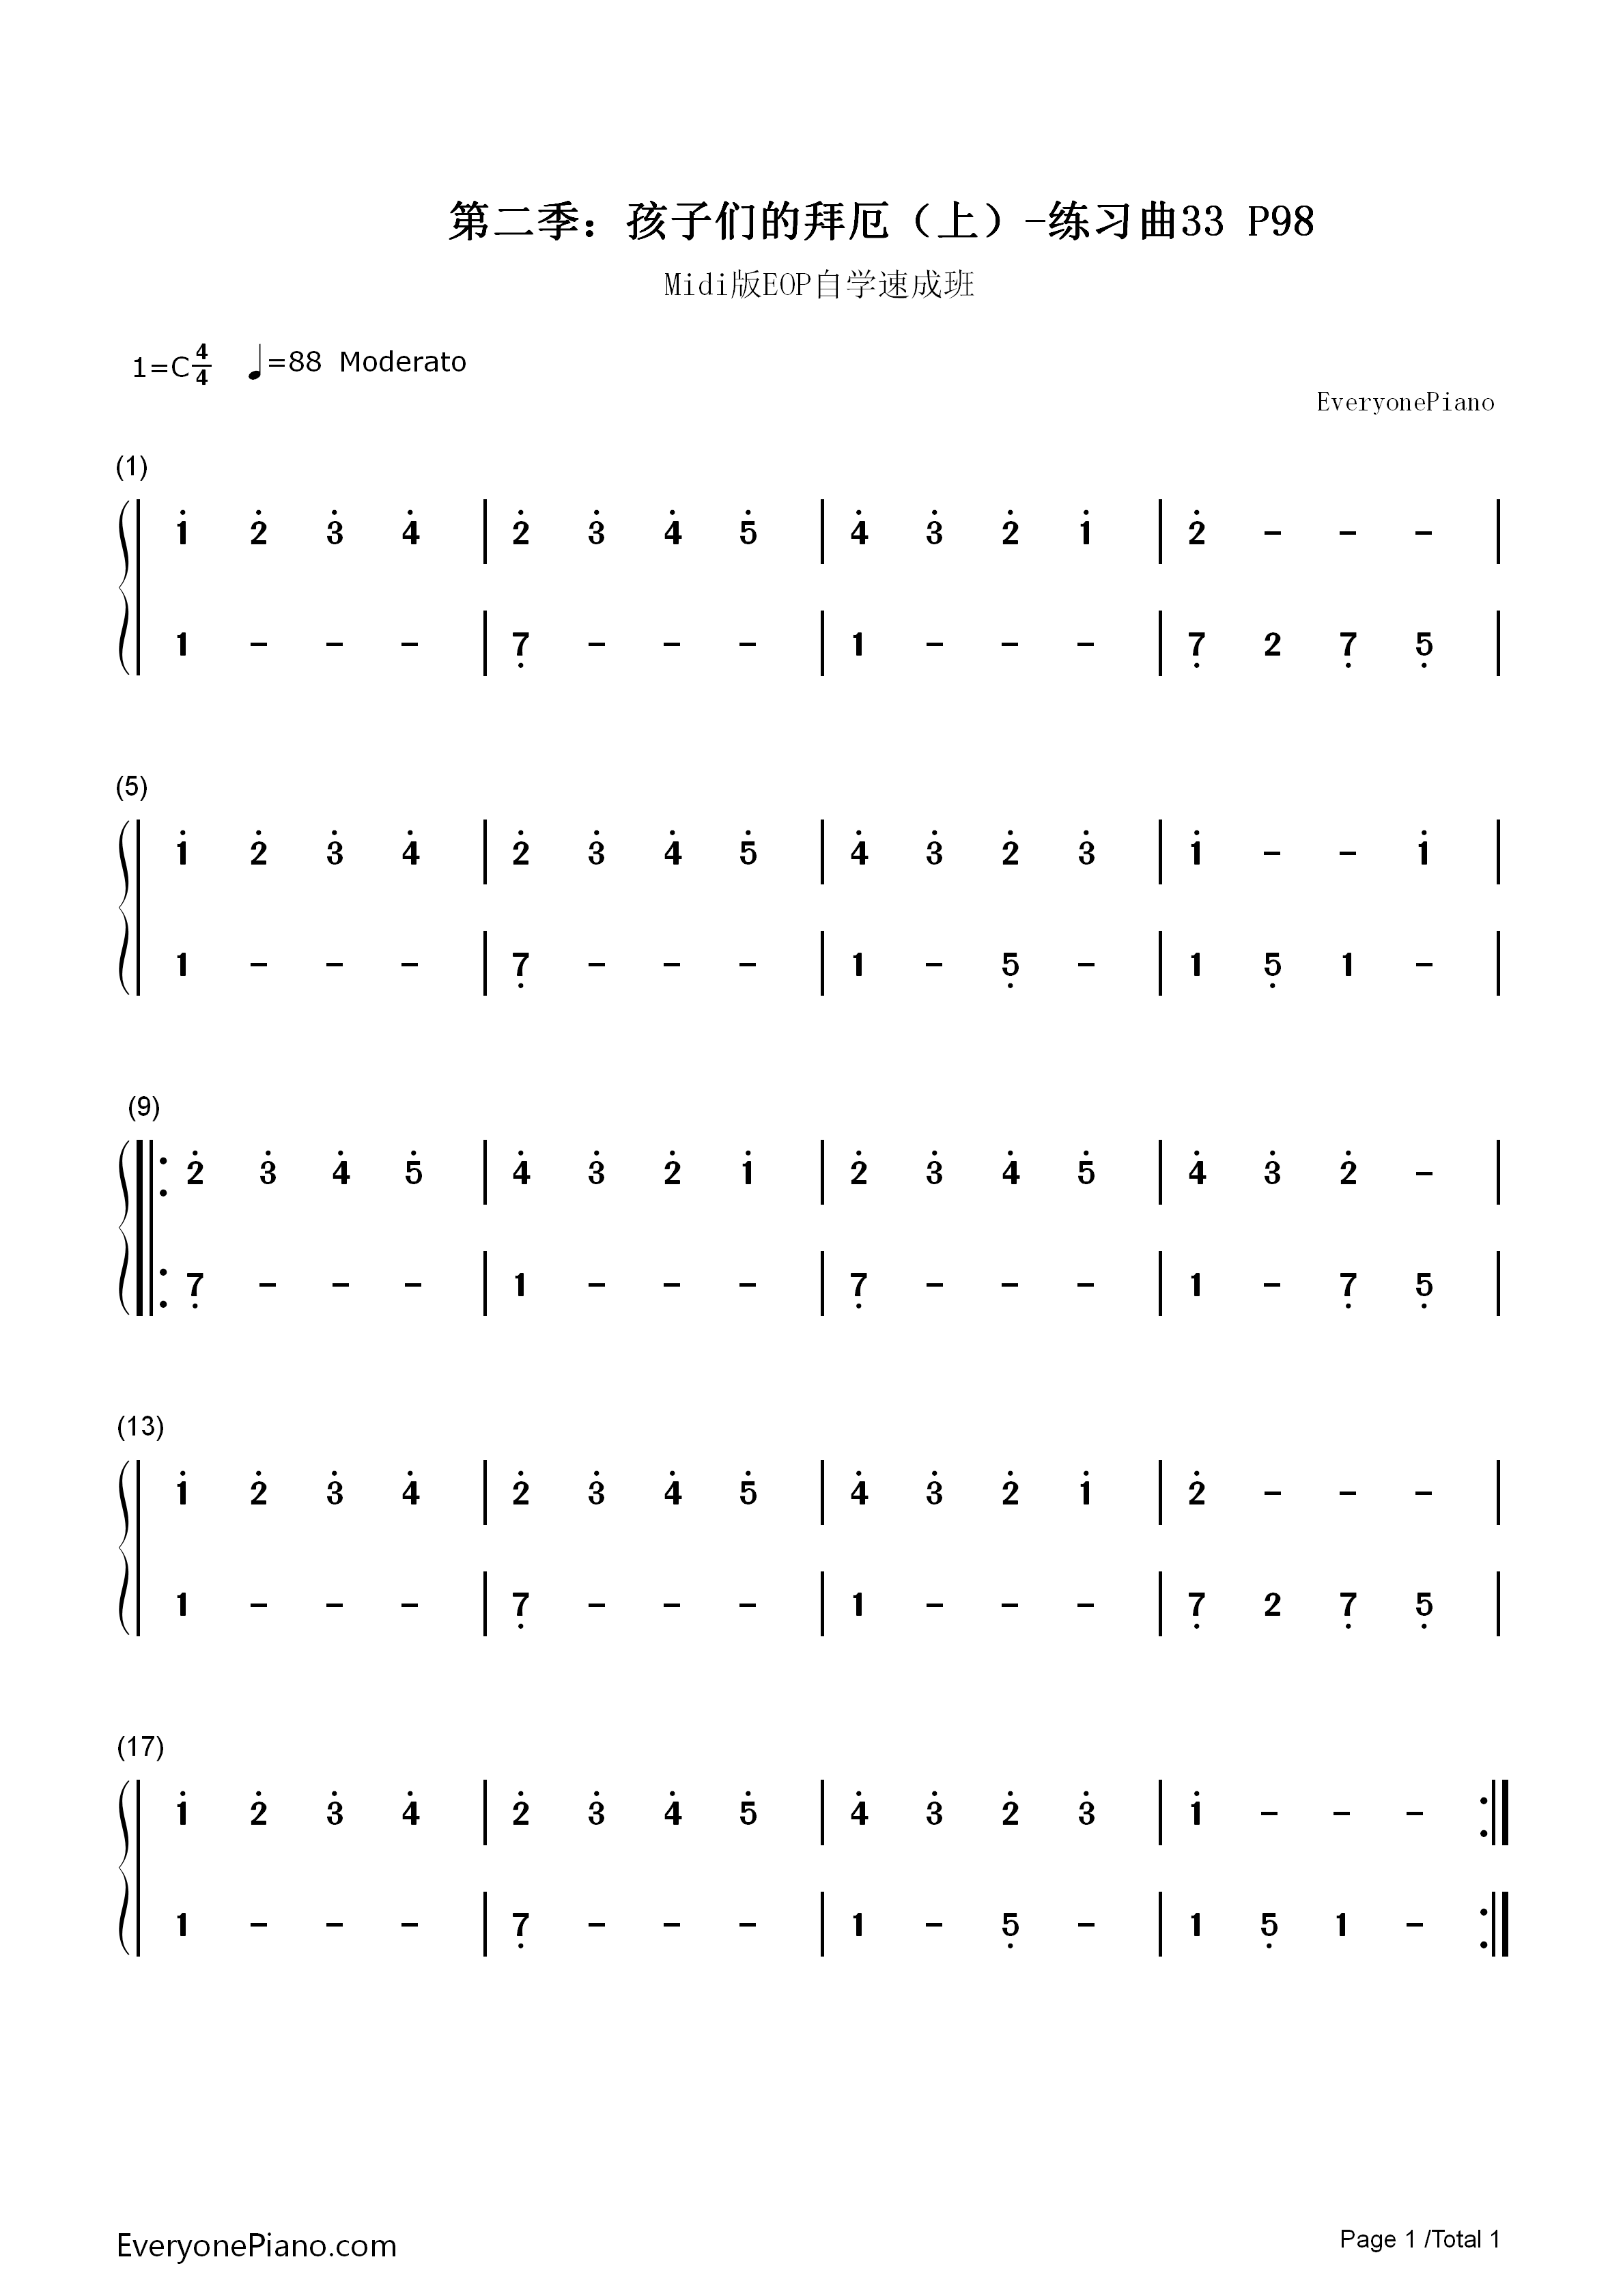 钢琴曲谱 练习曲 练习曲33-midi版eop自学速成班第二季:孩子们的拜厄图片